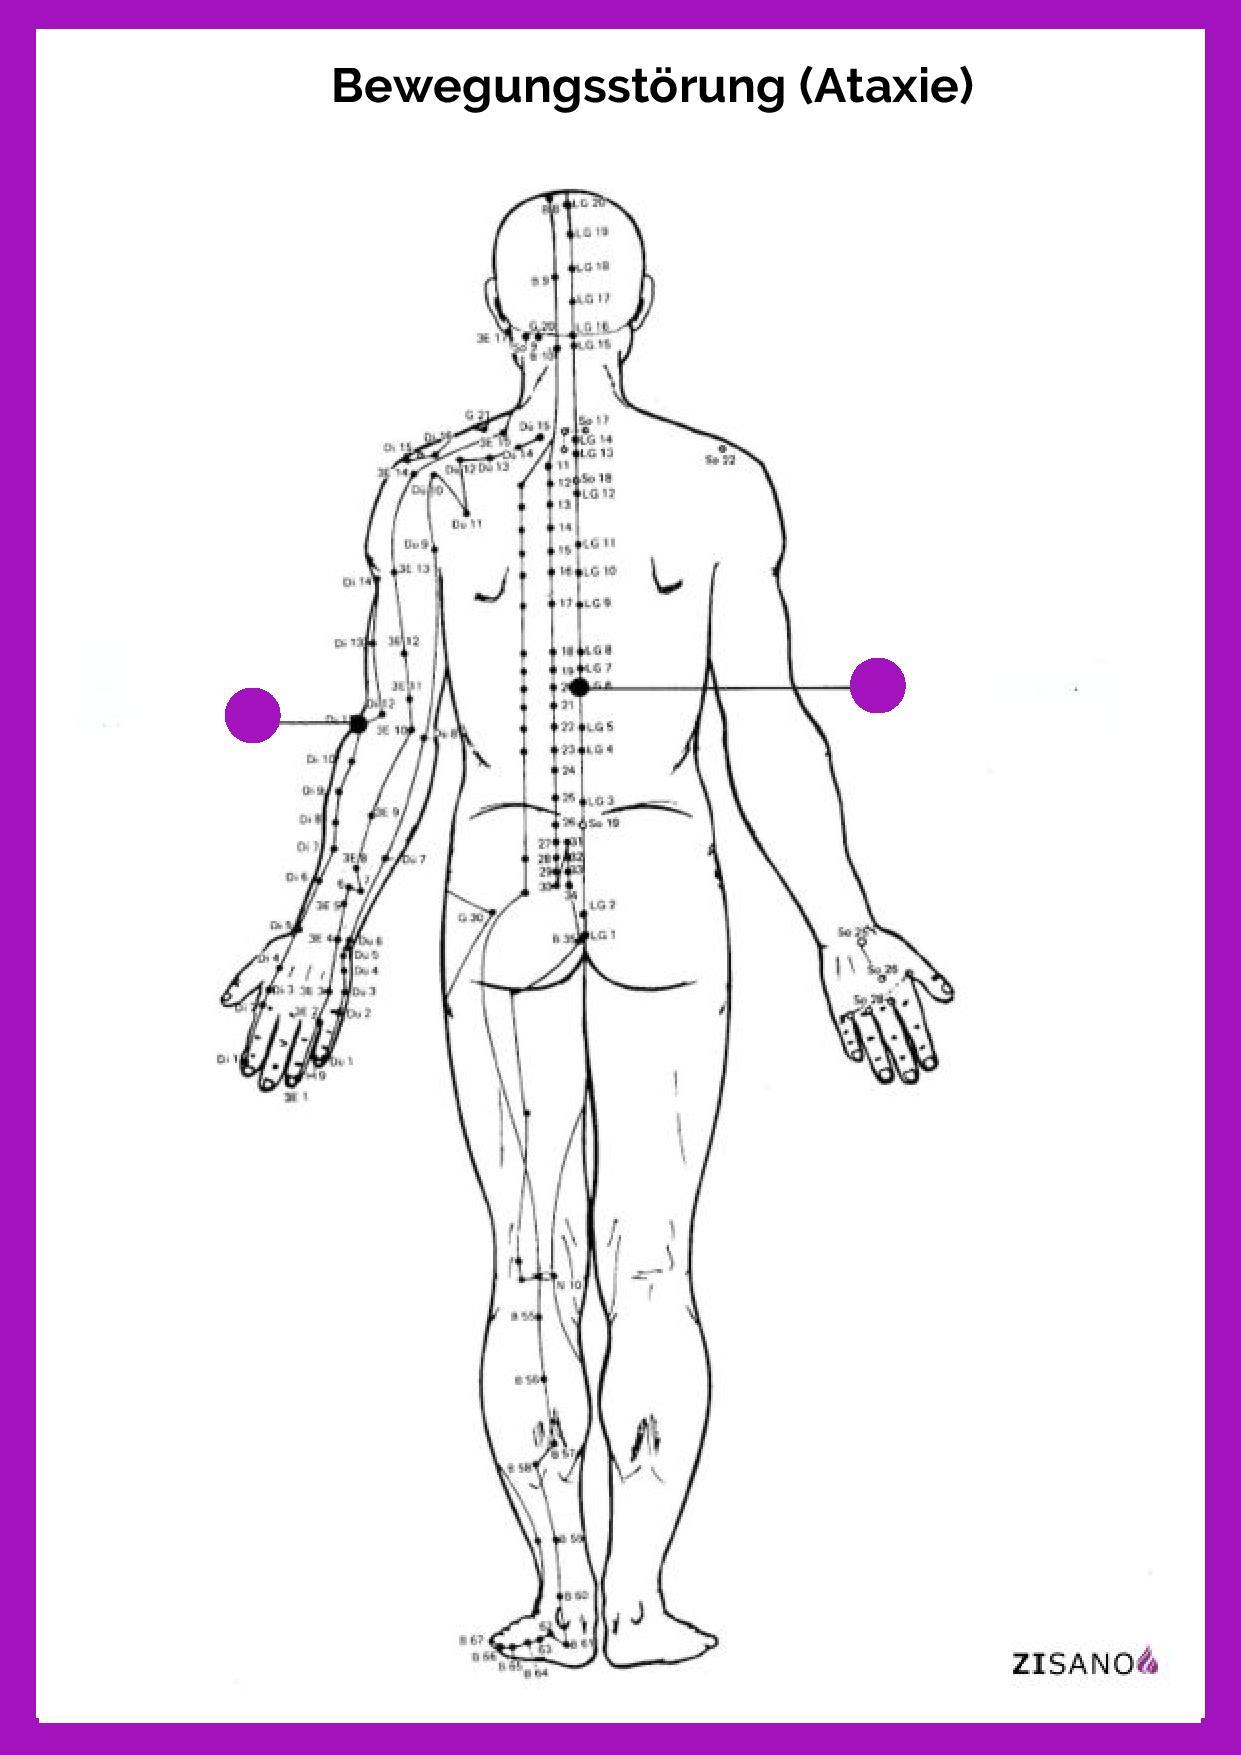 Meridiane - Bewegungsstörung (Ataxie)- Behandlung